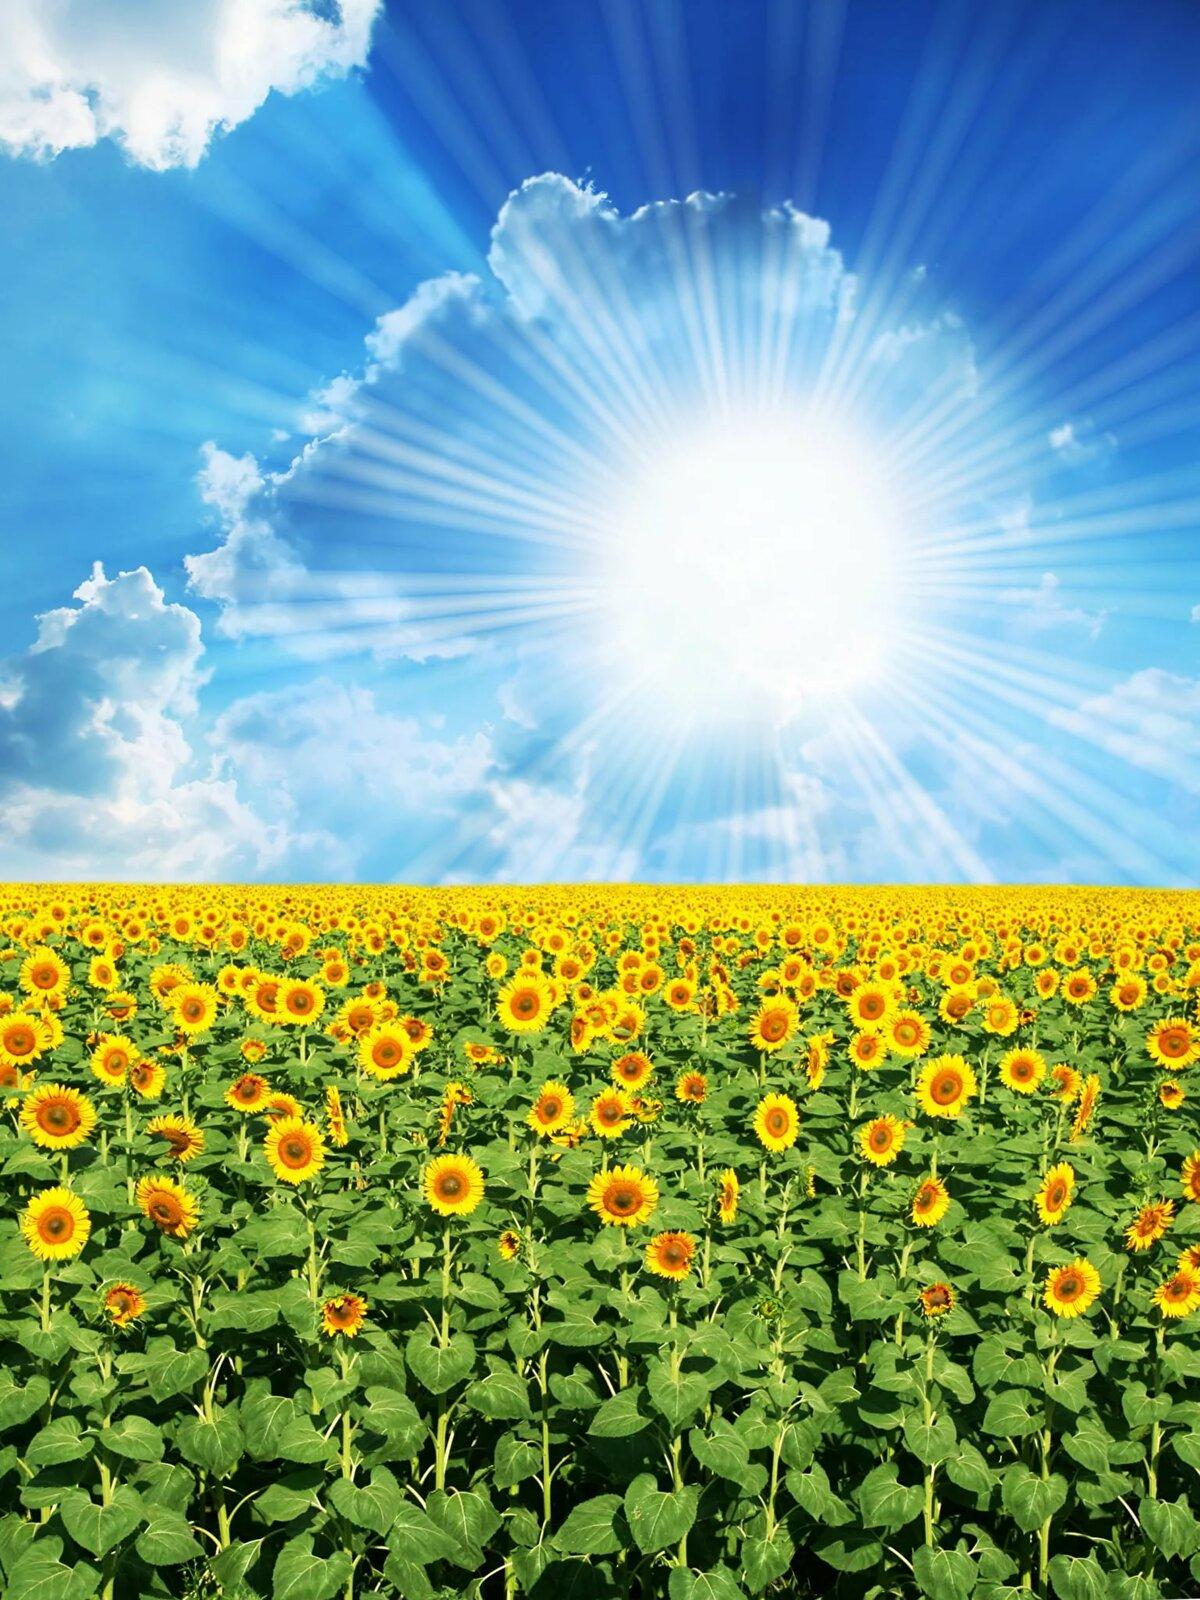 Картинки в солнечных тонах